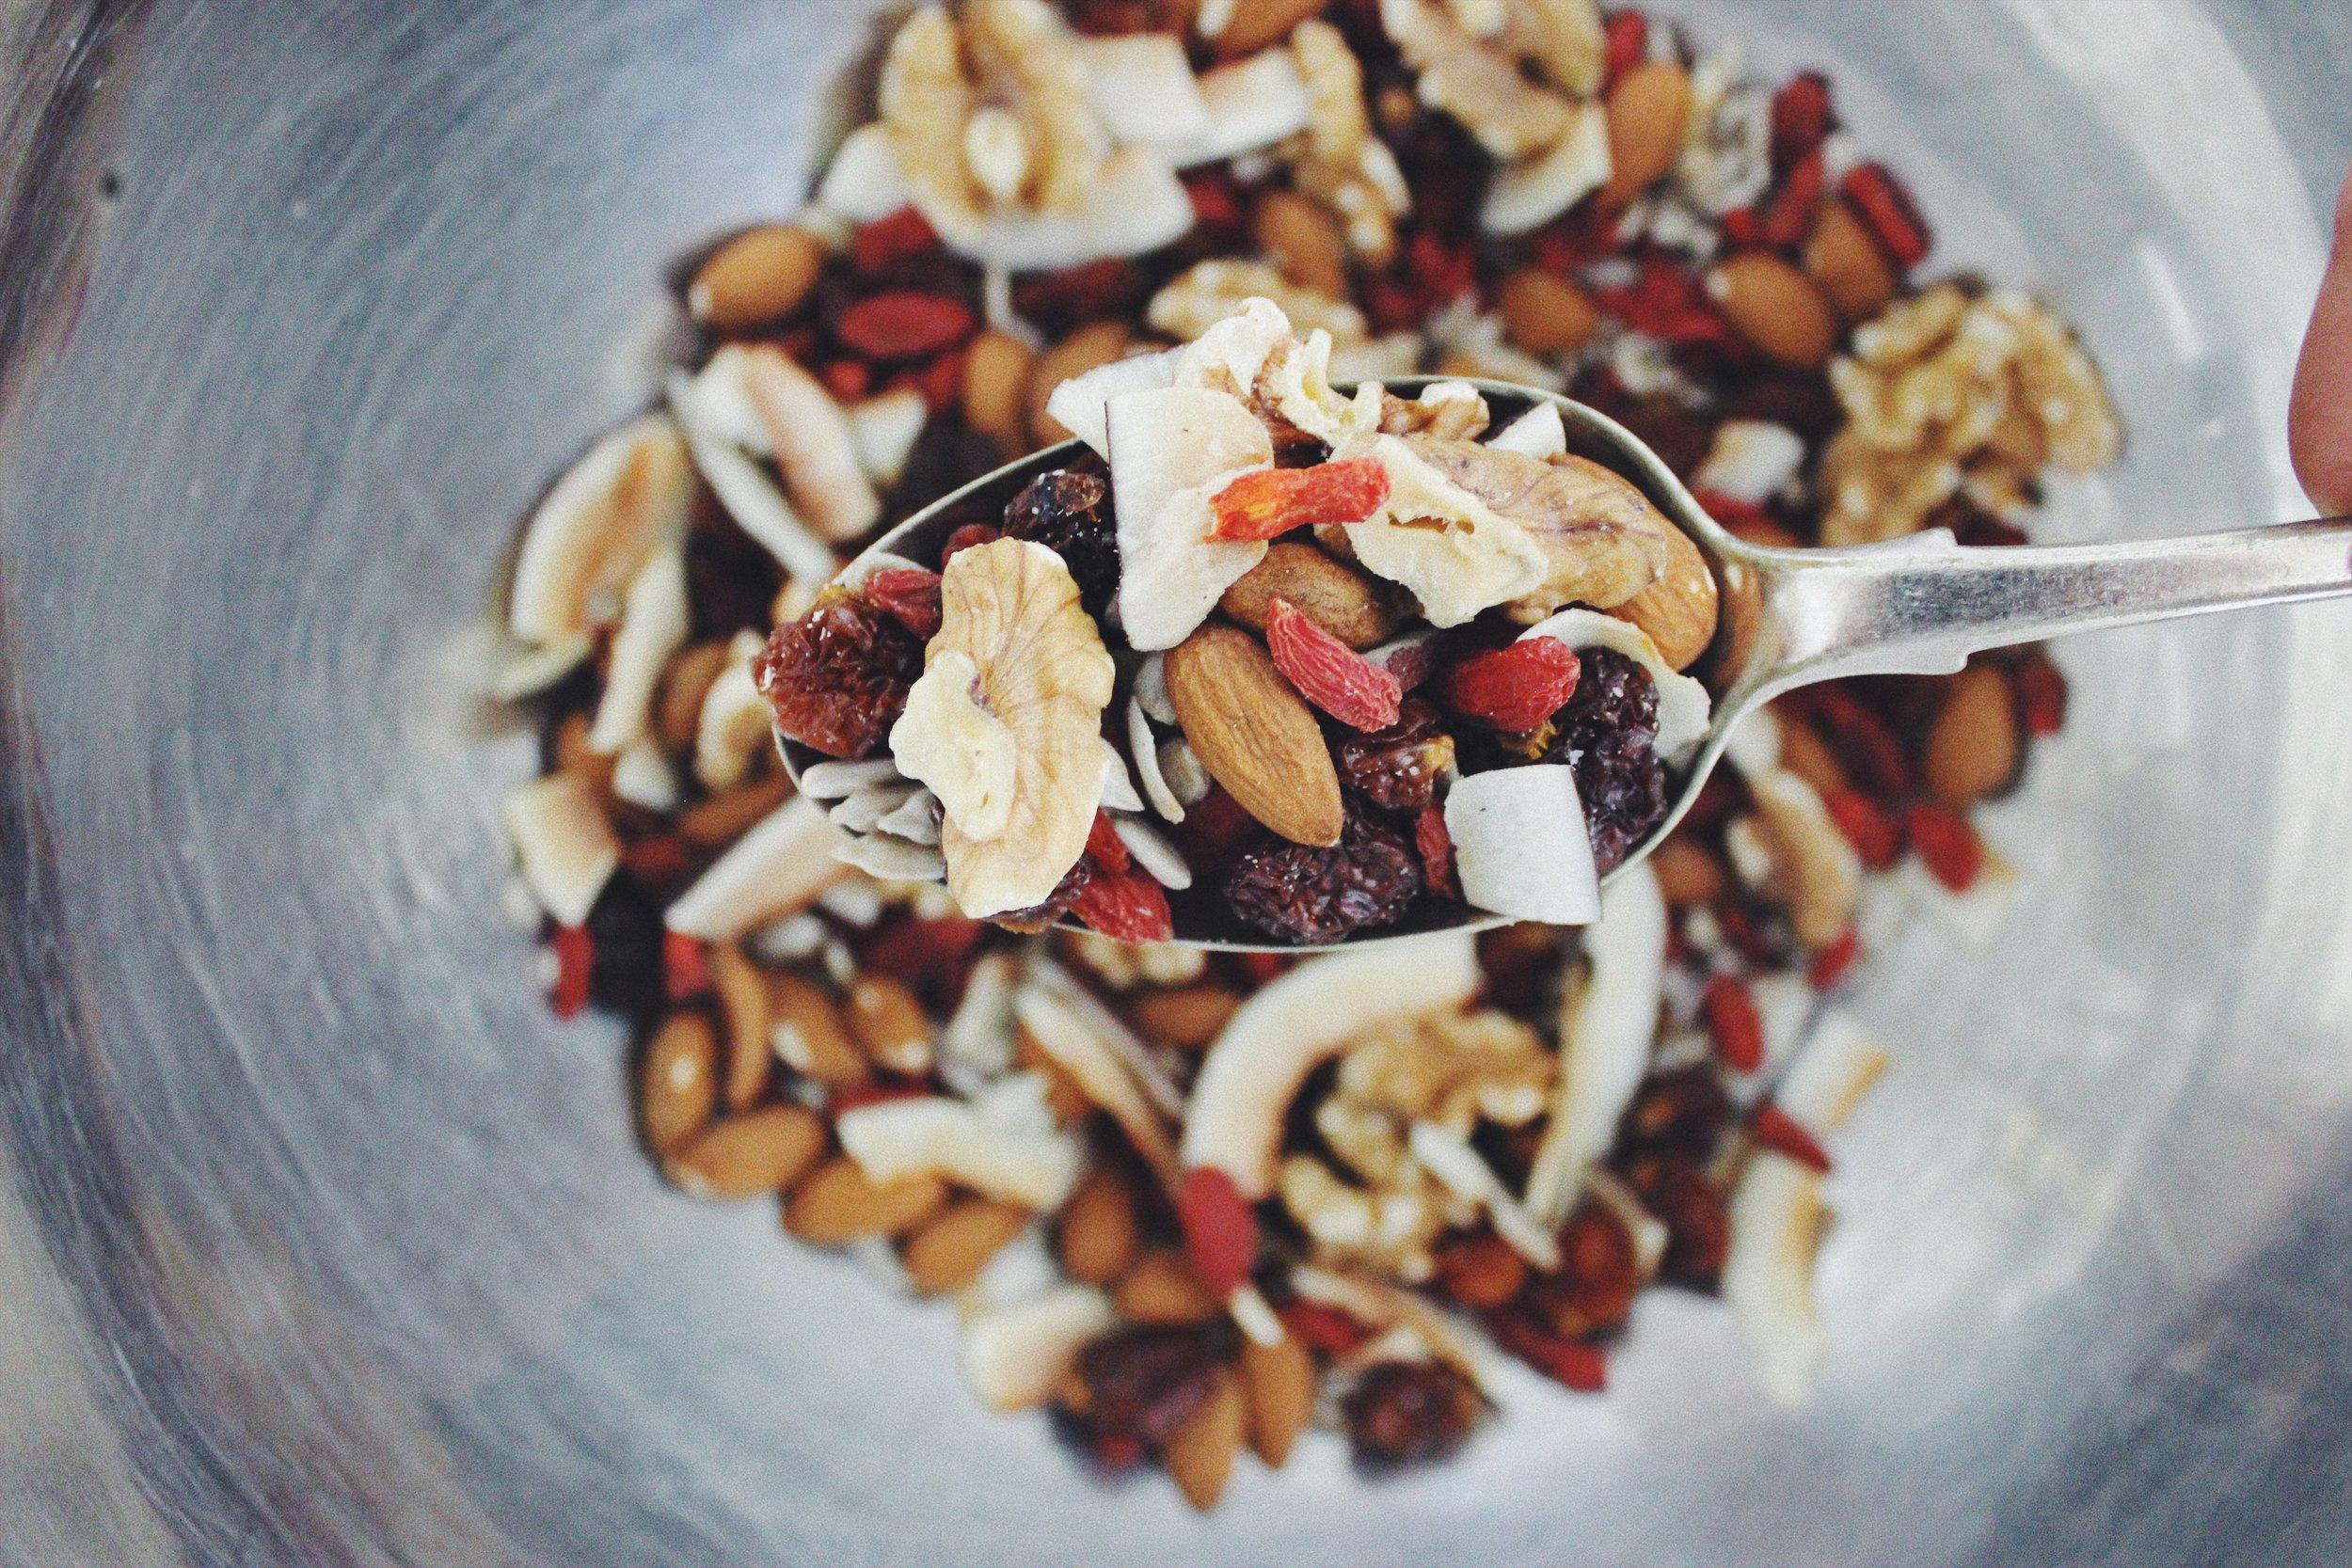 Walnuts, Almonds, Coconut, Sunflower Seeds, Inca Berries + Goji Berries